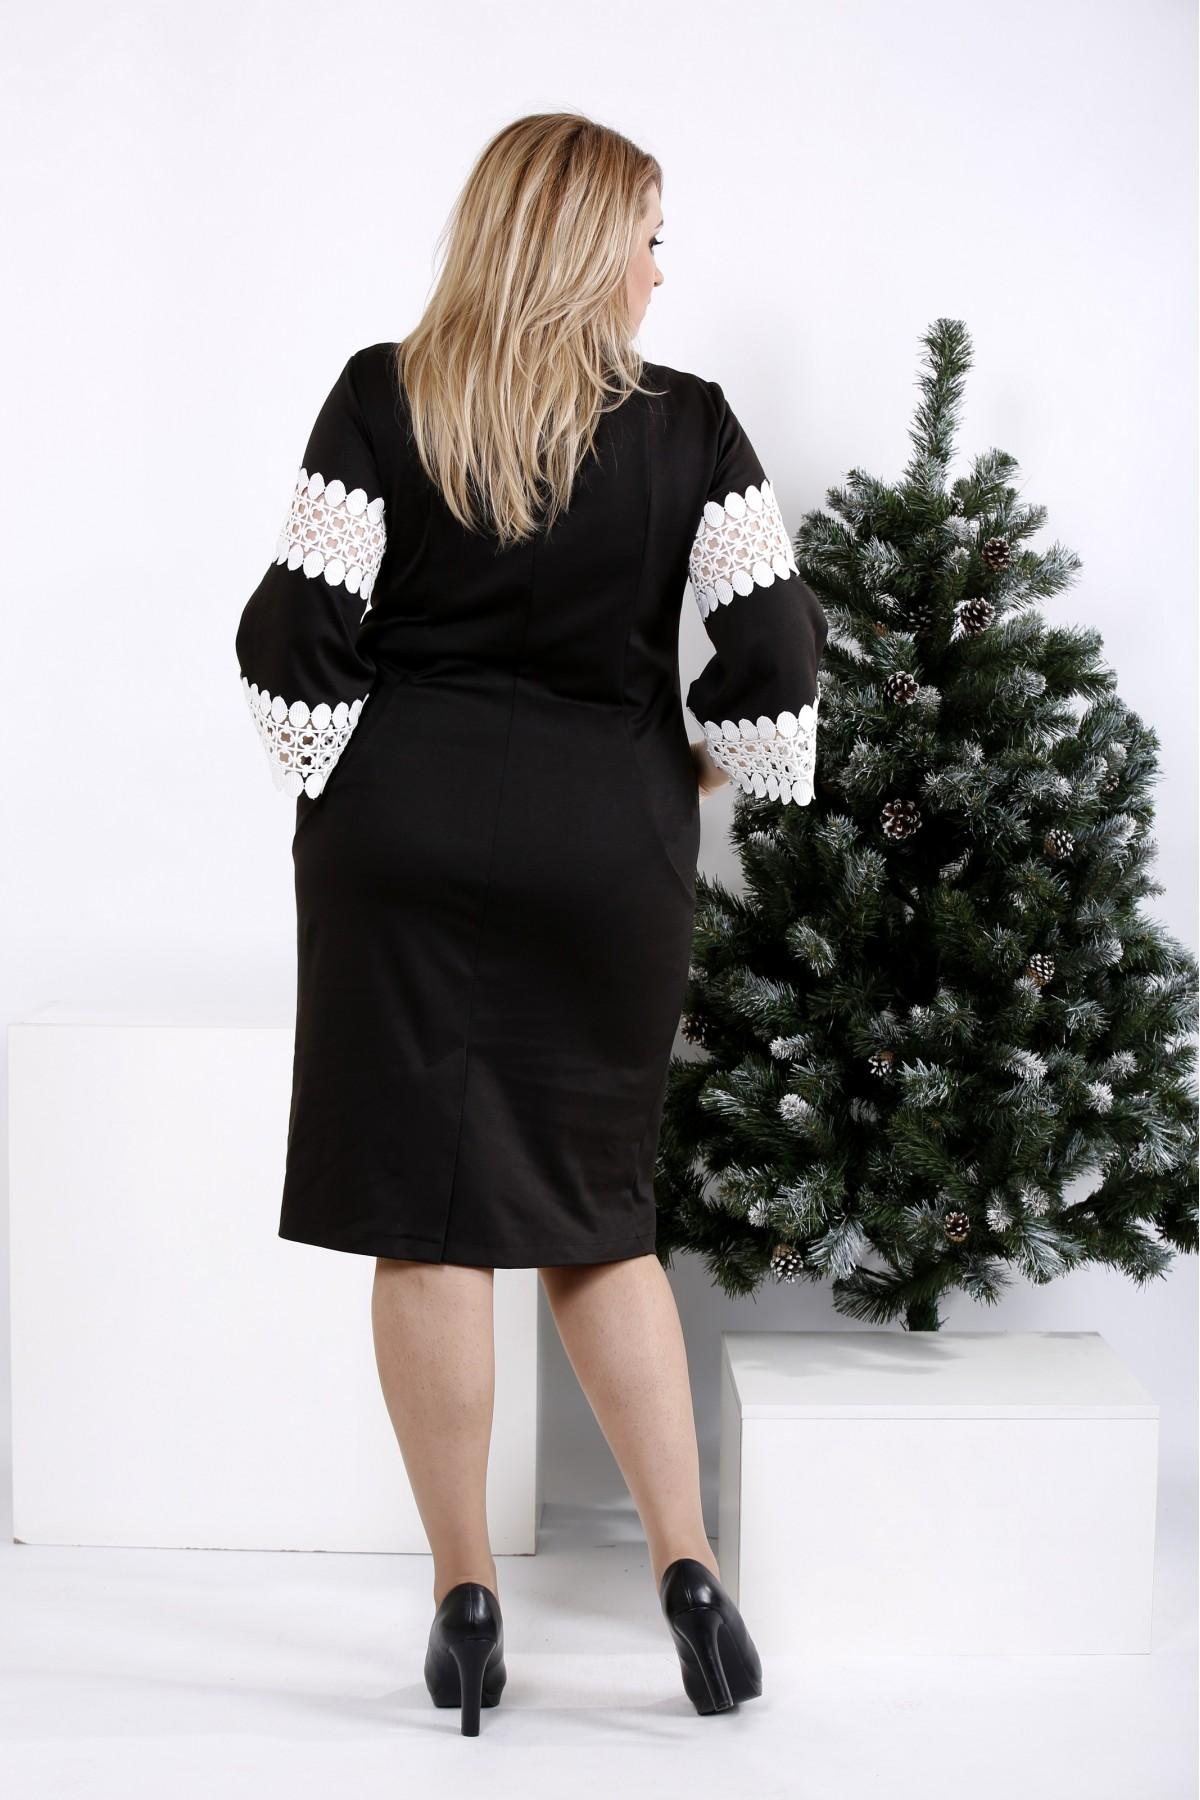 ... Фото Чорна сукня з білим мереживом  beb96a624110b